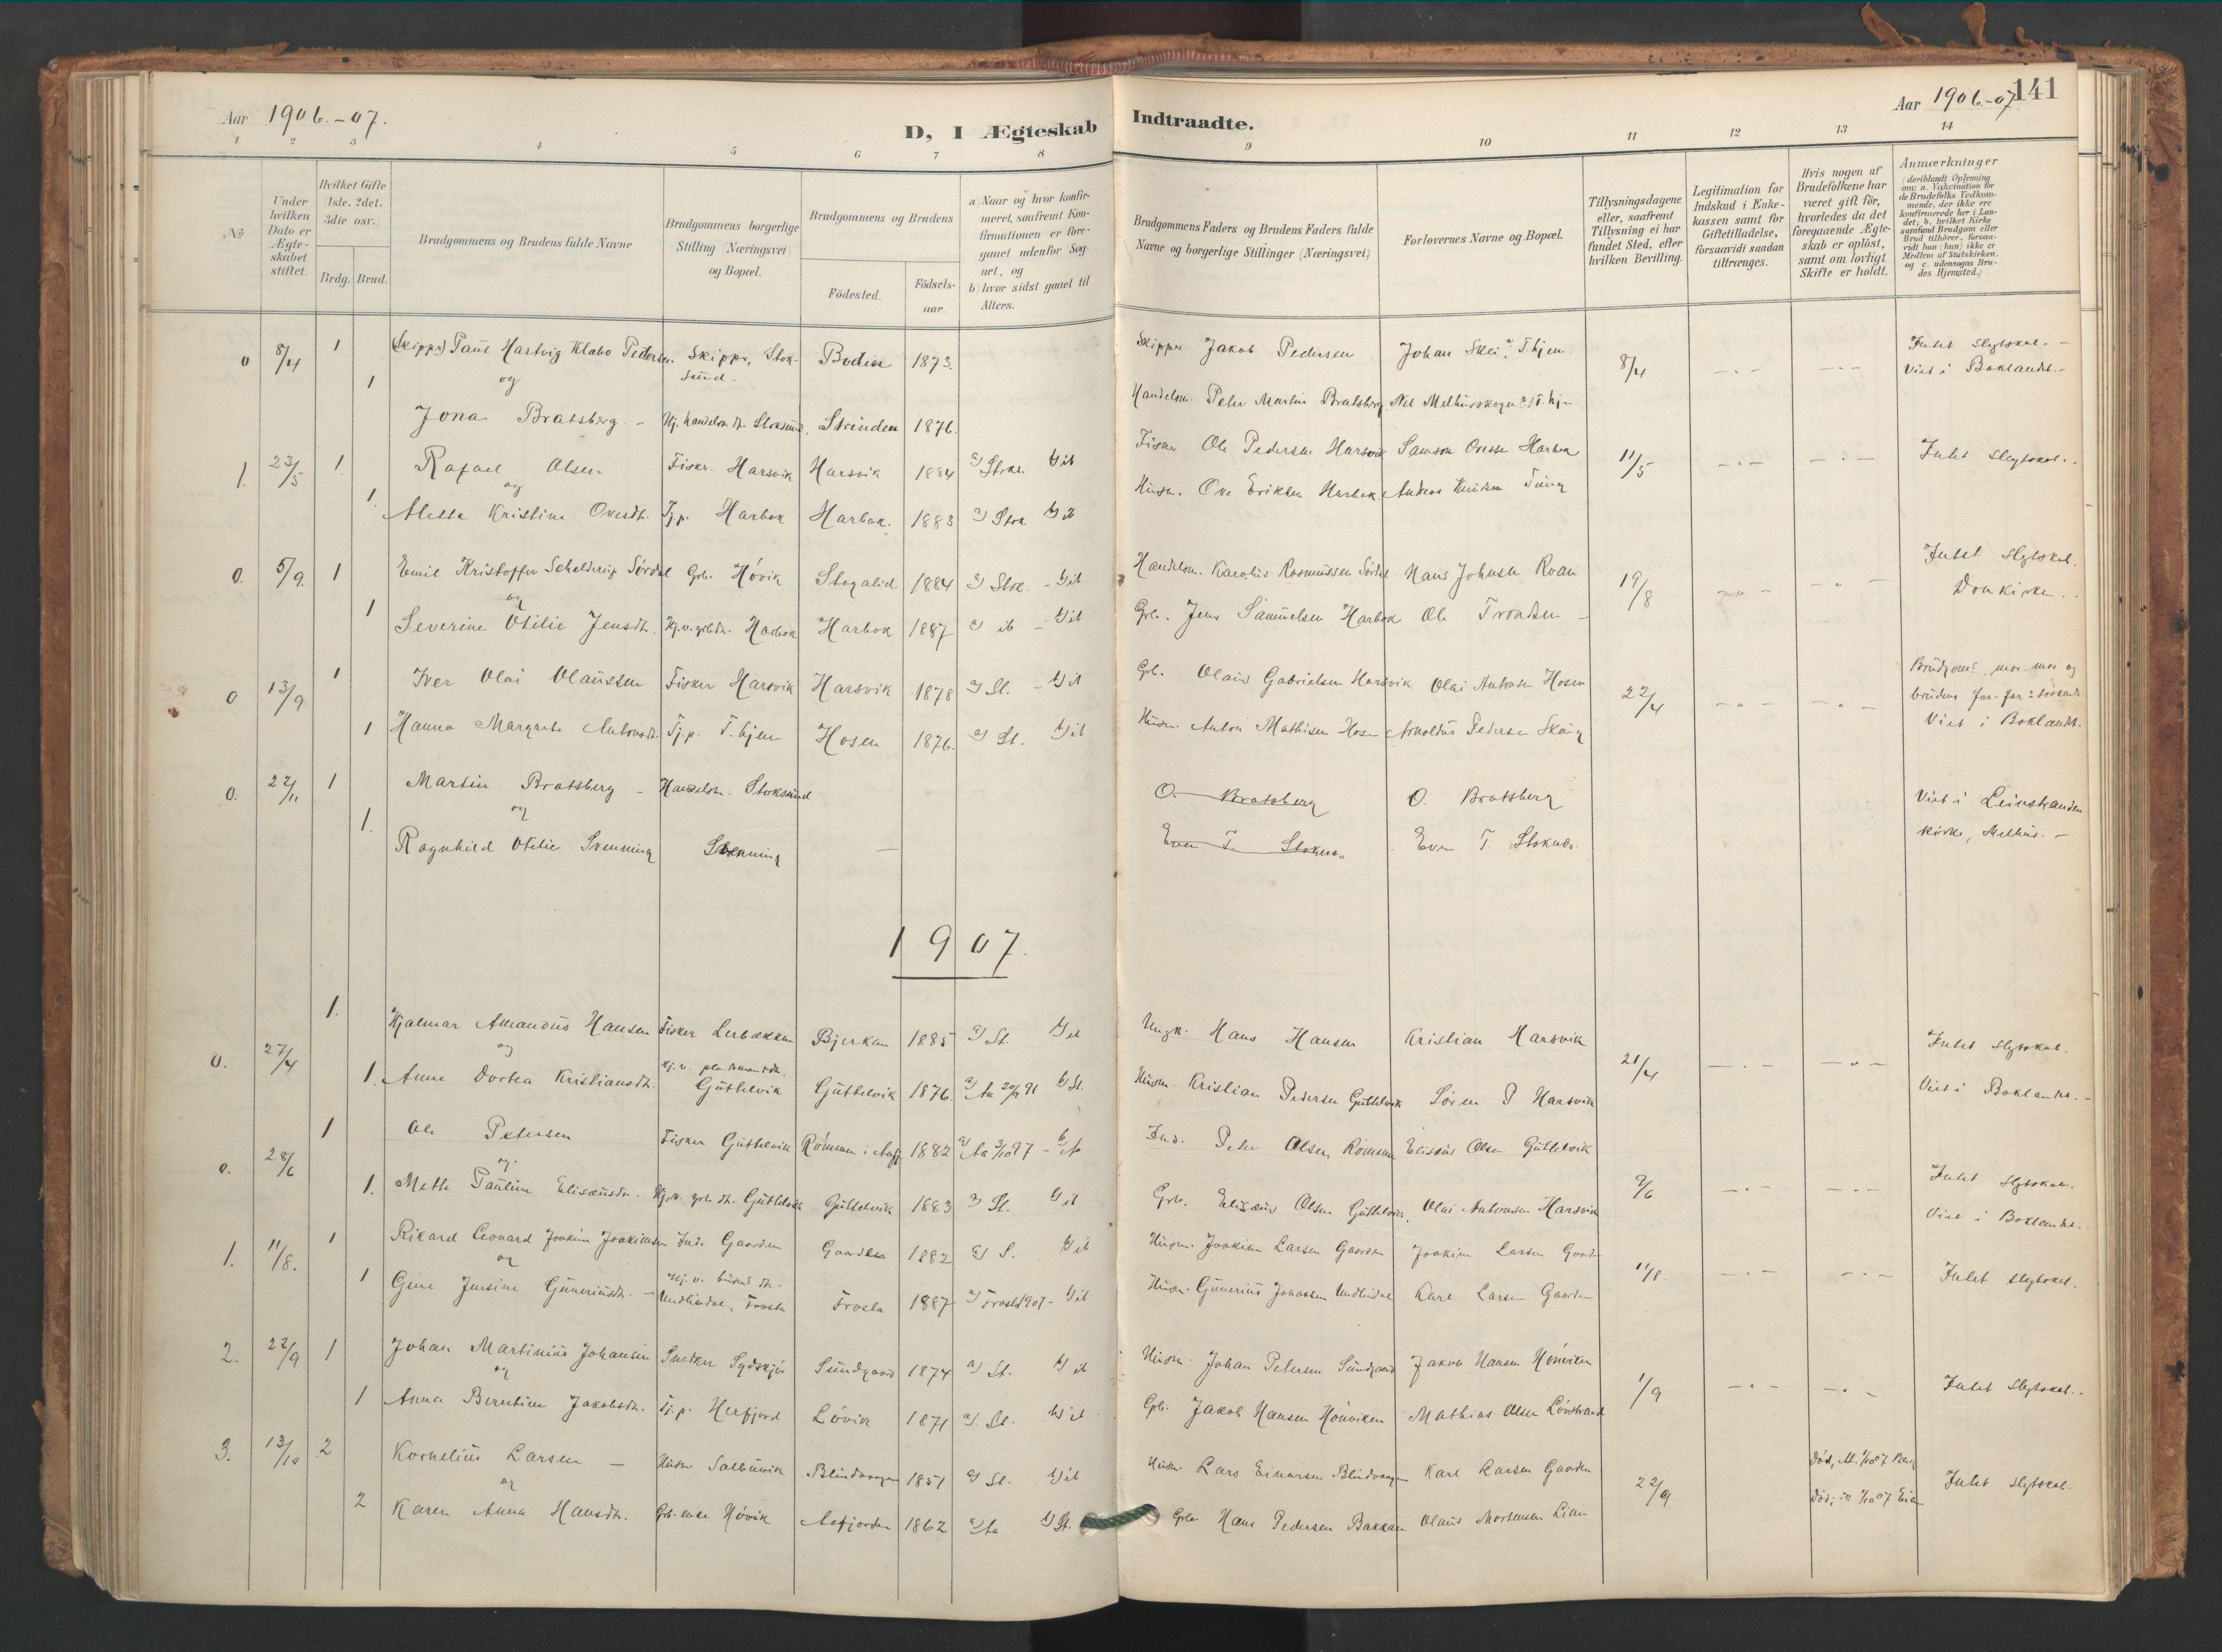 SAT, Ministerialprotokoller, klokkerbøker og fødselsregistre - Sør-Trøndelag, 656/L0693: Ministerialbok nr. 656A02, 1894-1913, s. 141